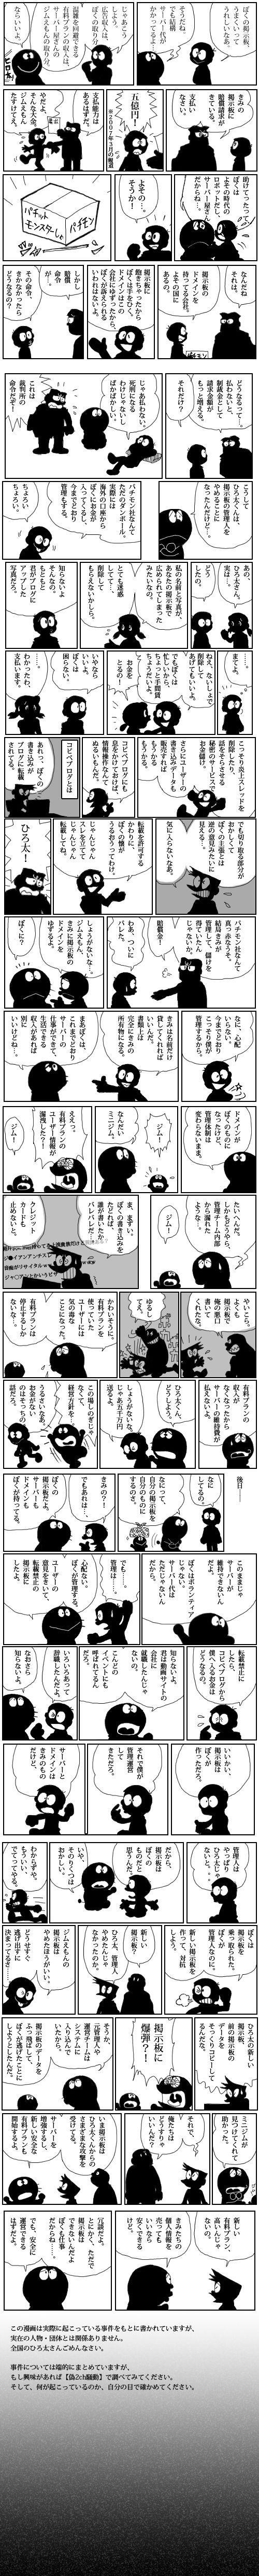 2ch乗っ取り騒動を分かりやすくまとめた漫画がおもしろいwwwww : あにまと! -アニメ・漫画系2chまとめブログ-